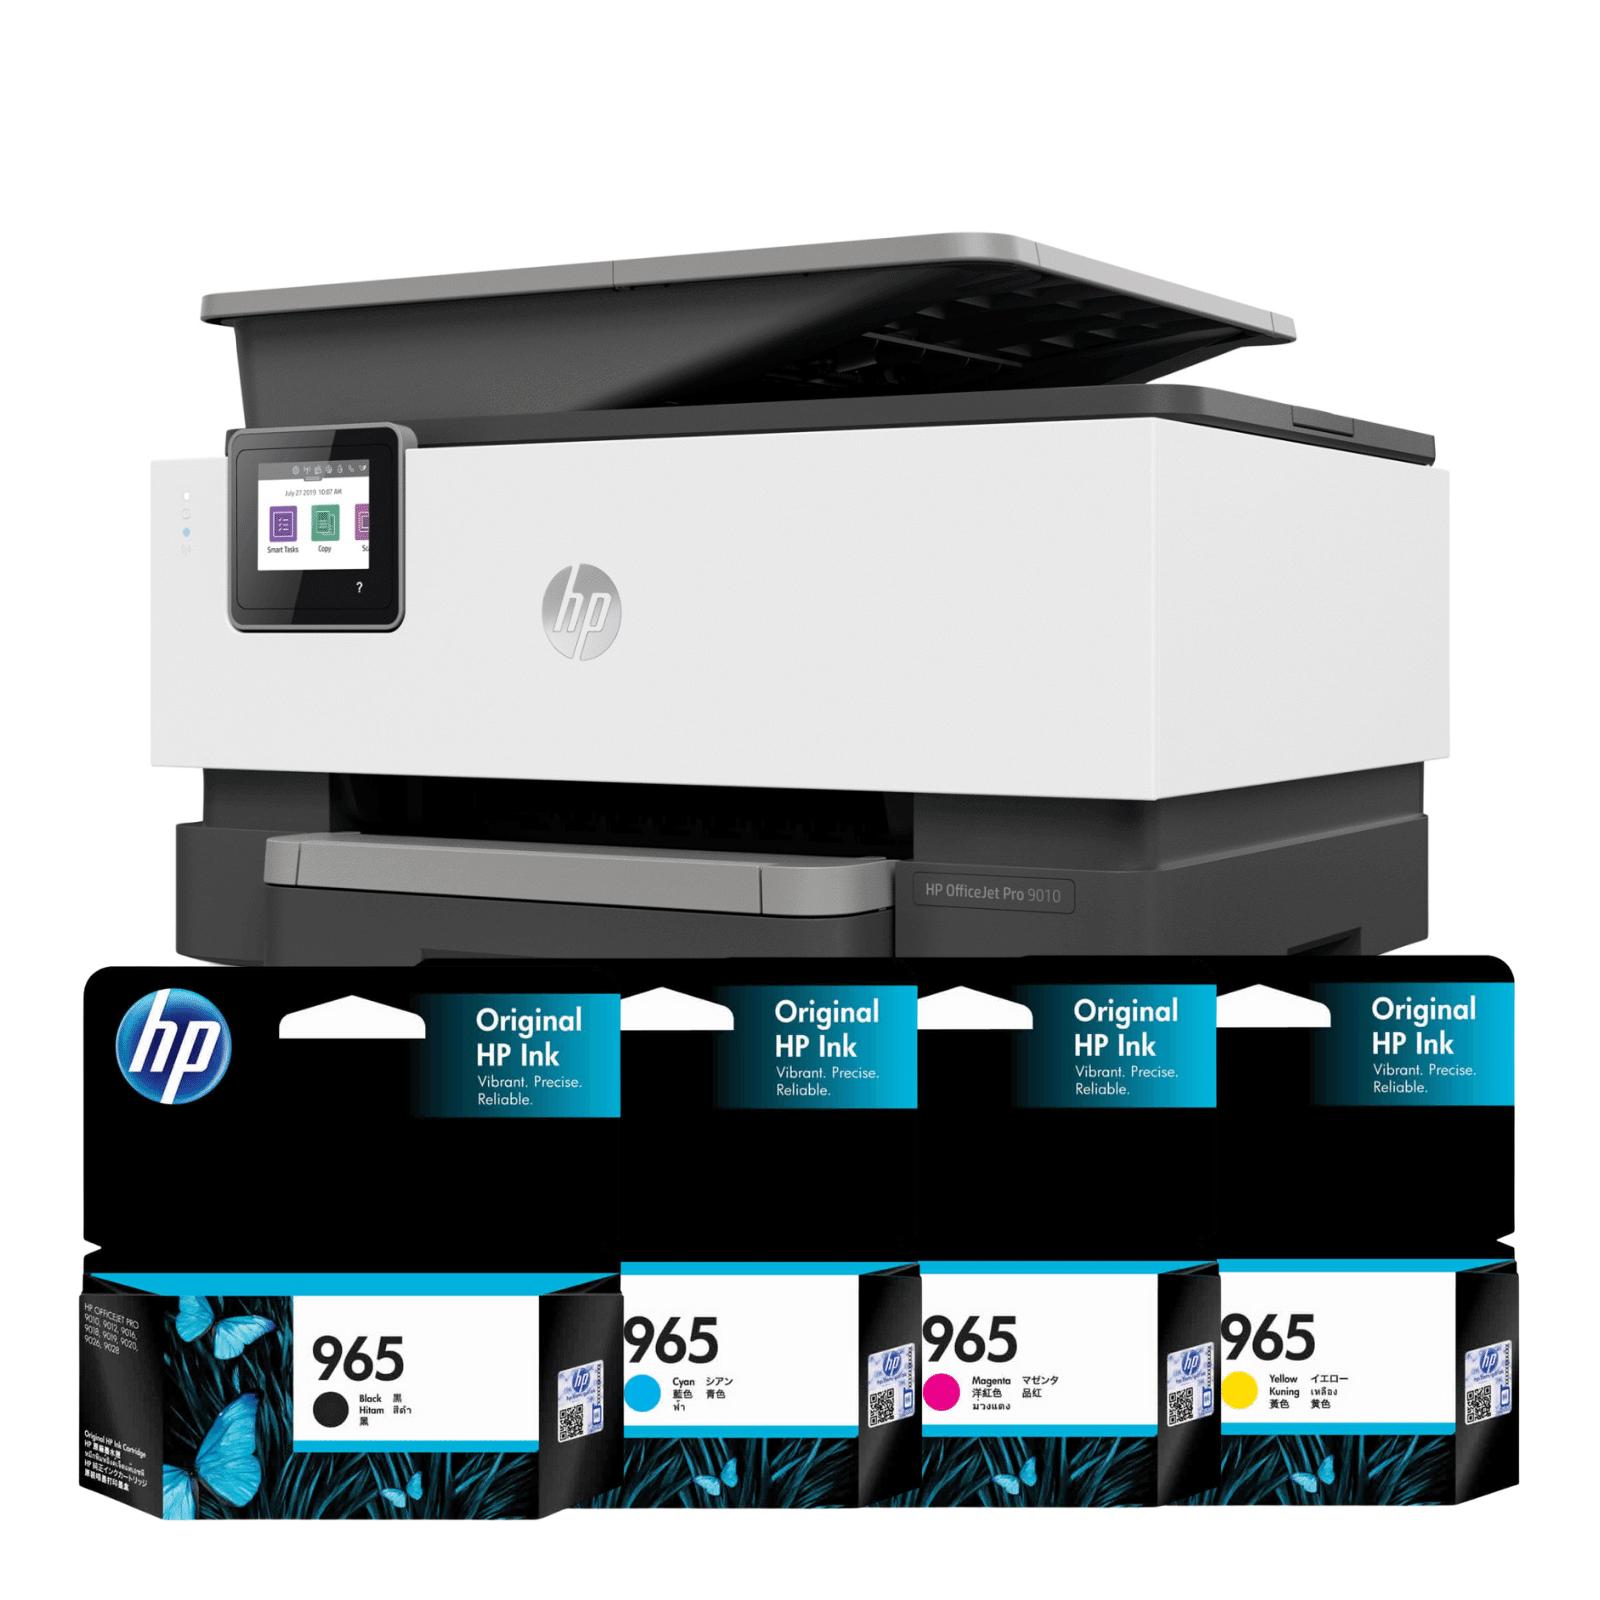 HP OfficeJet Pro 9010 All in One Inkjet Printer & Ink